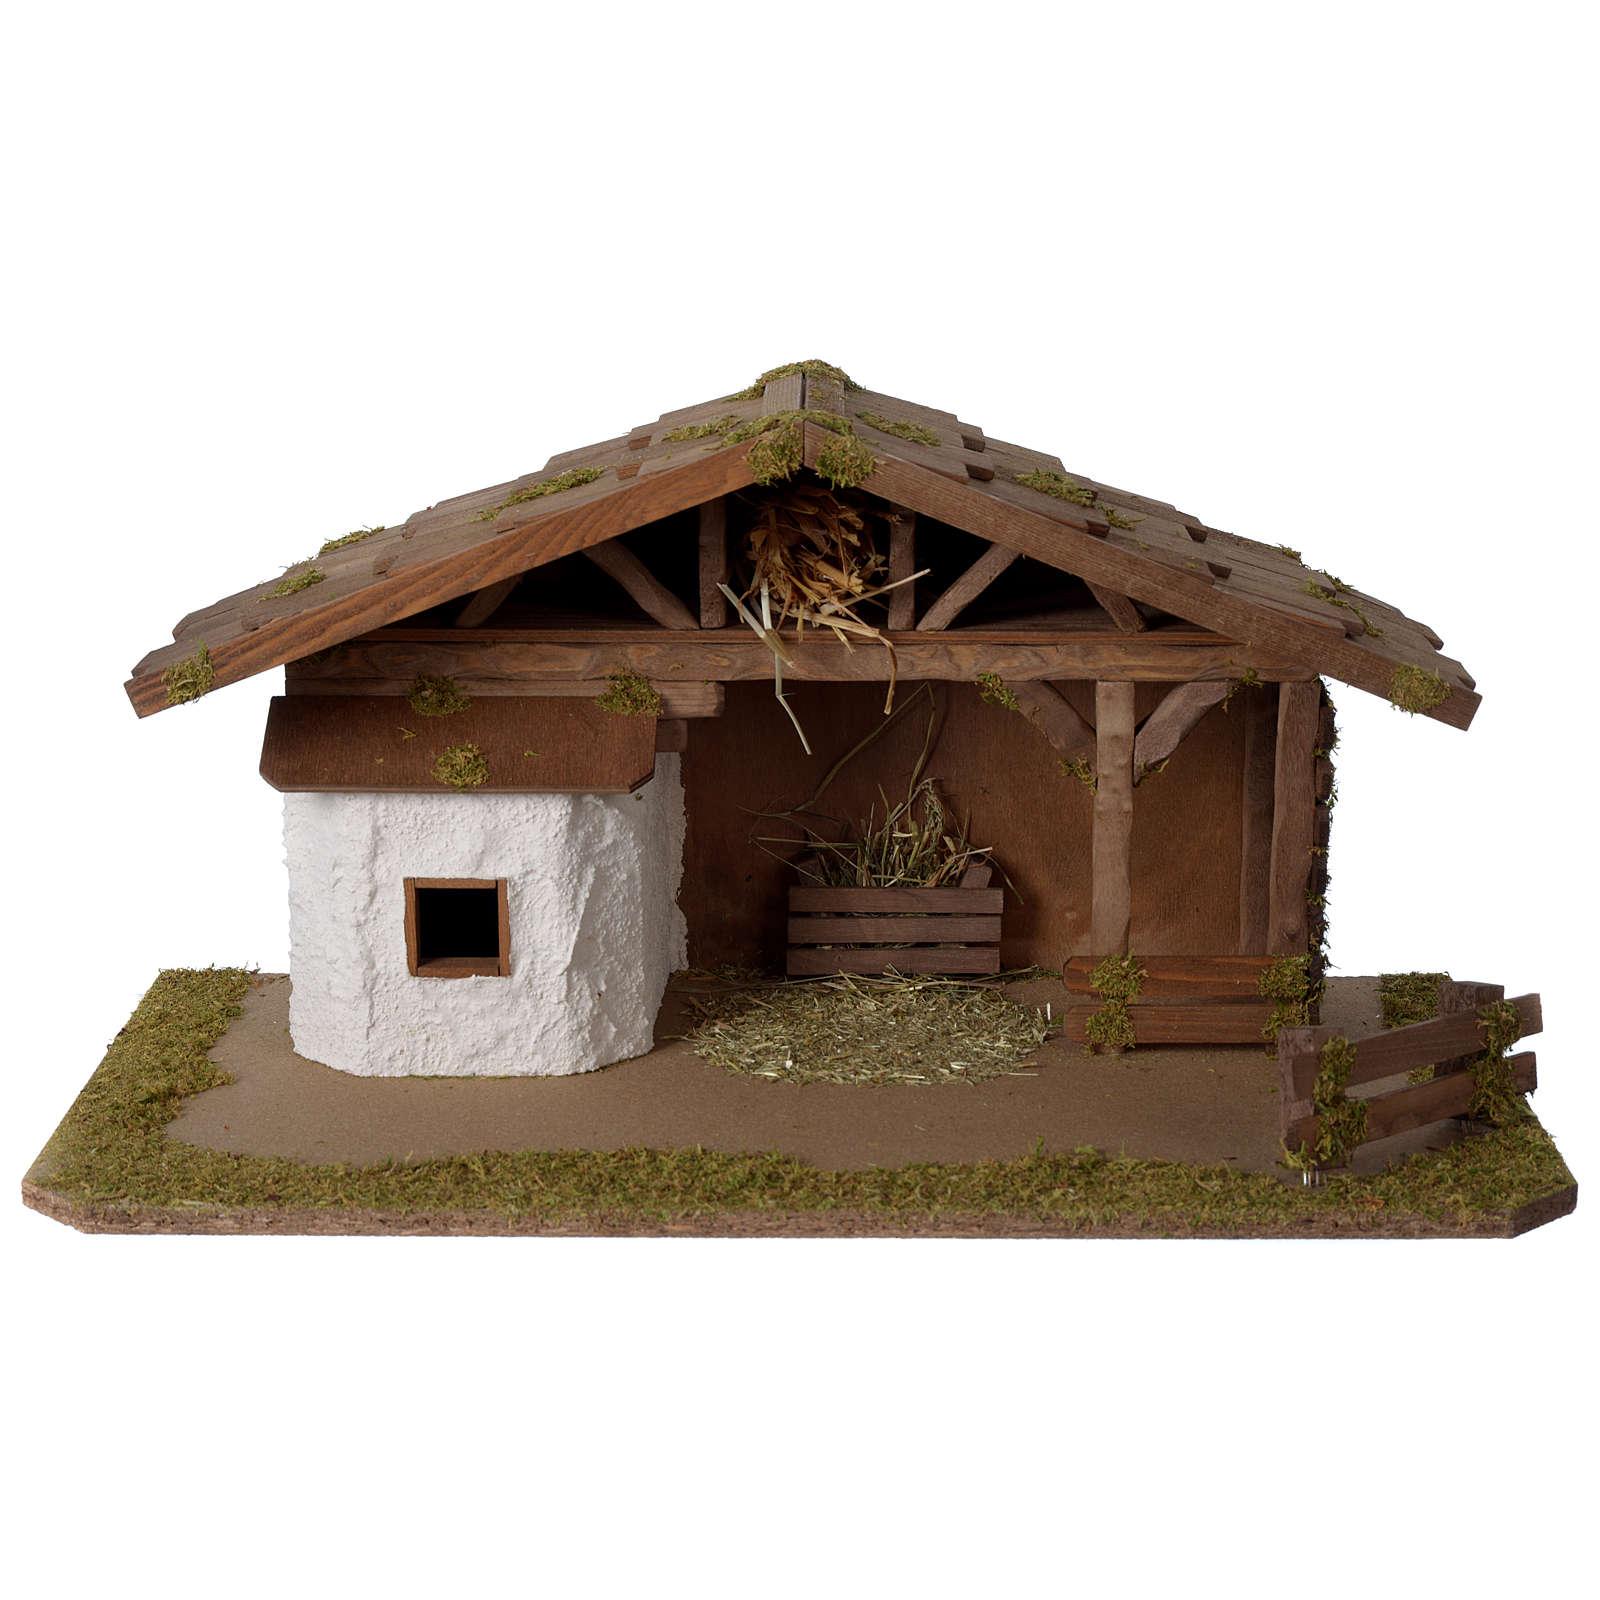 Stalla Presepe in legno modello scandinavo 30x55x30cm per statuette 10-12 cm 4